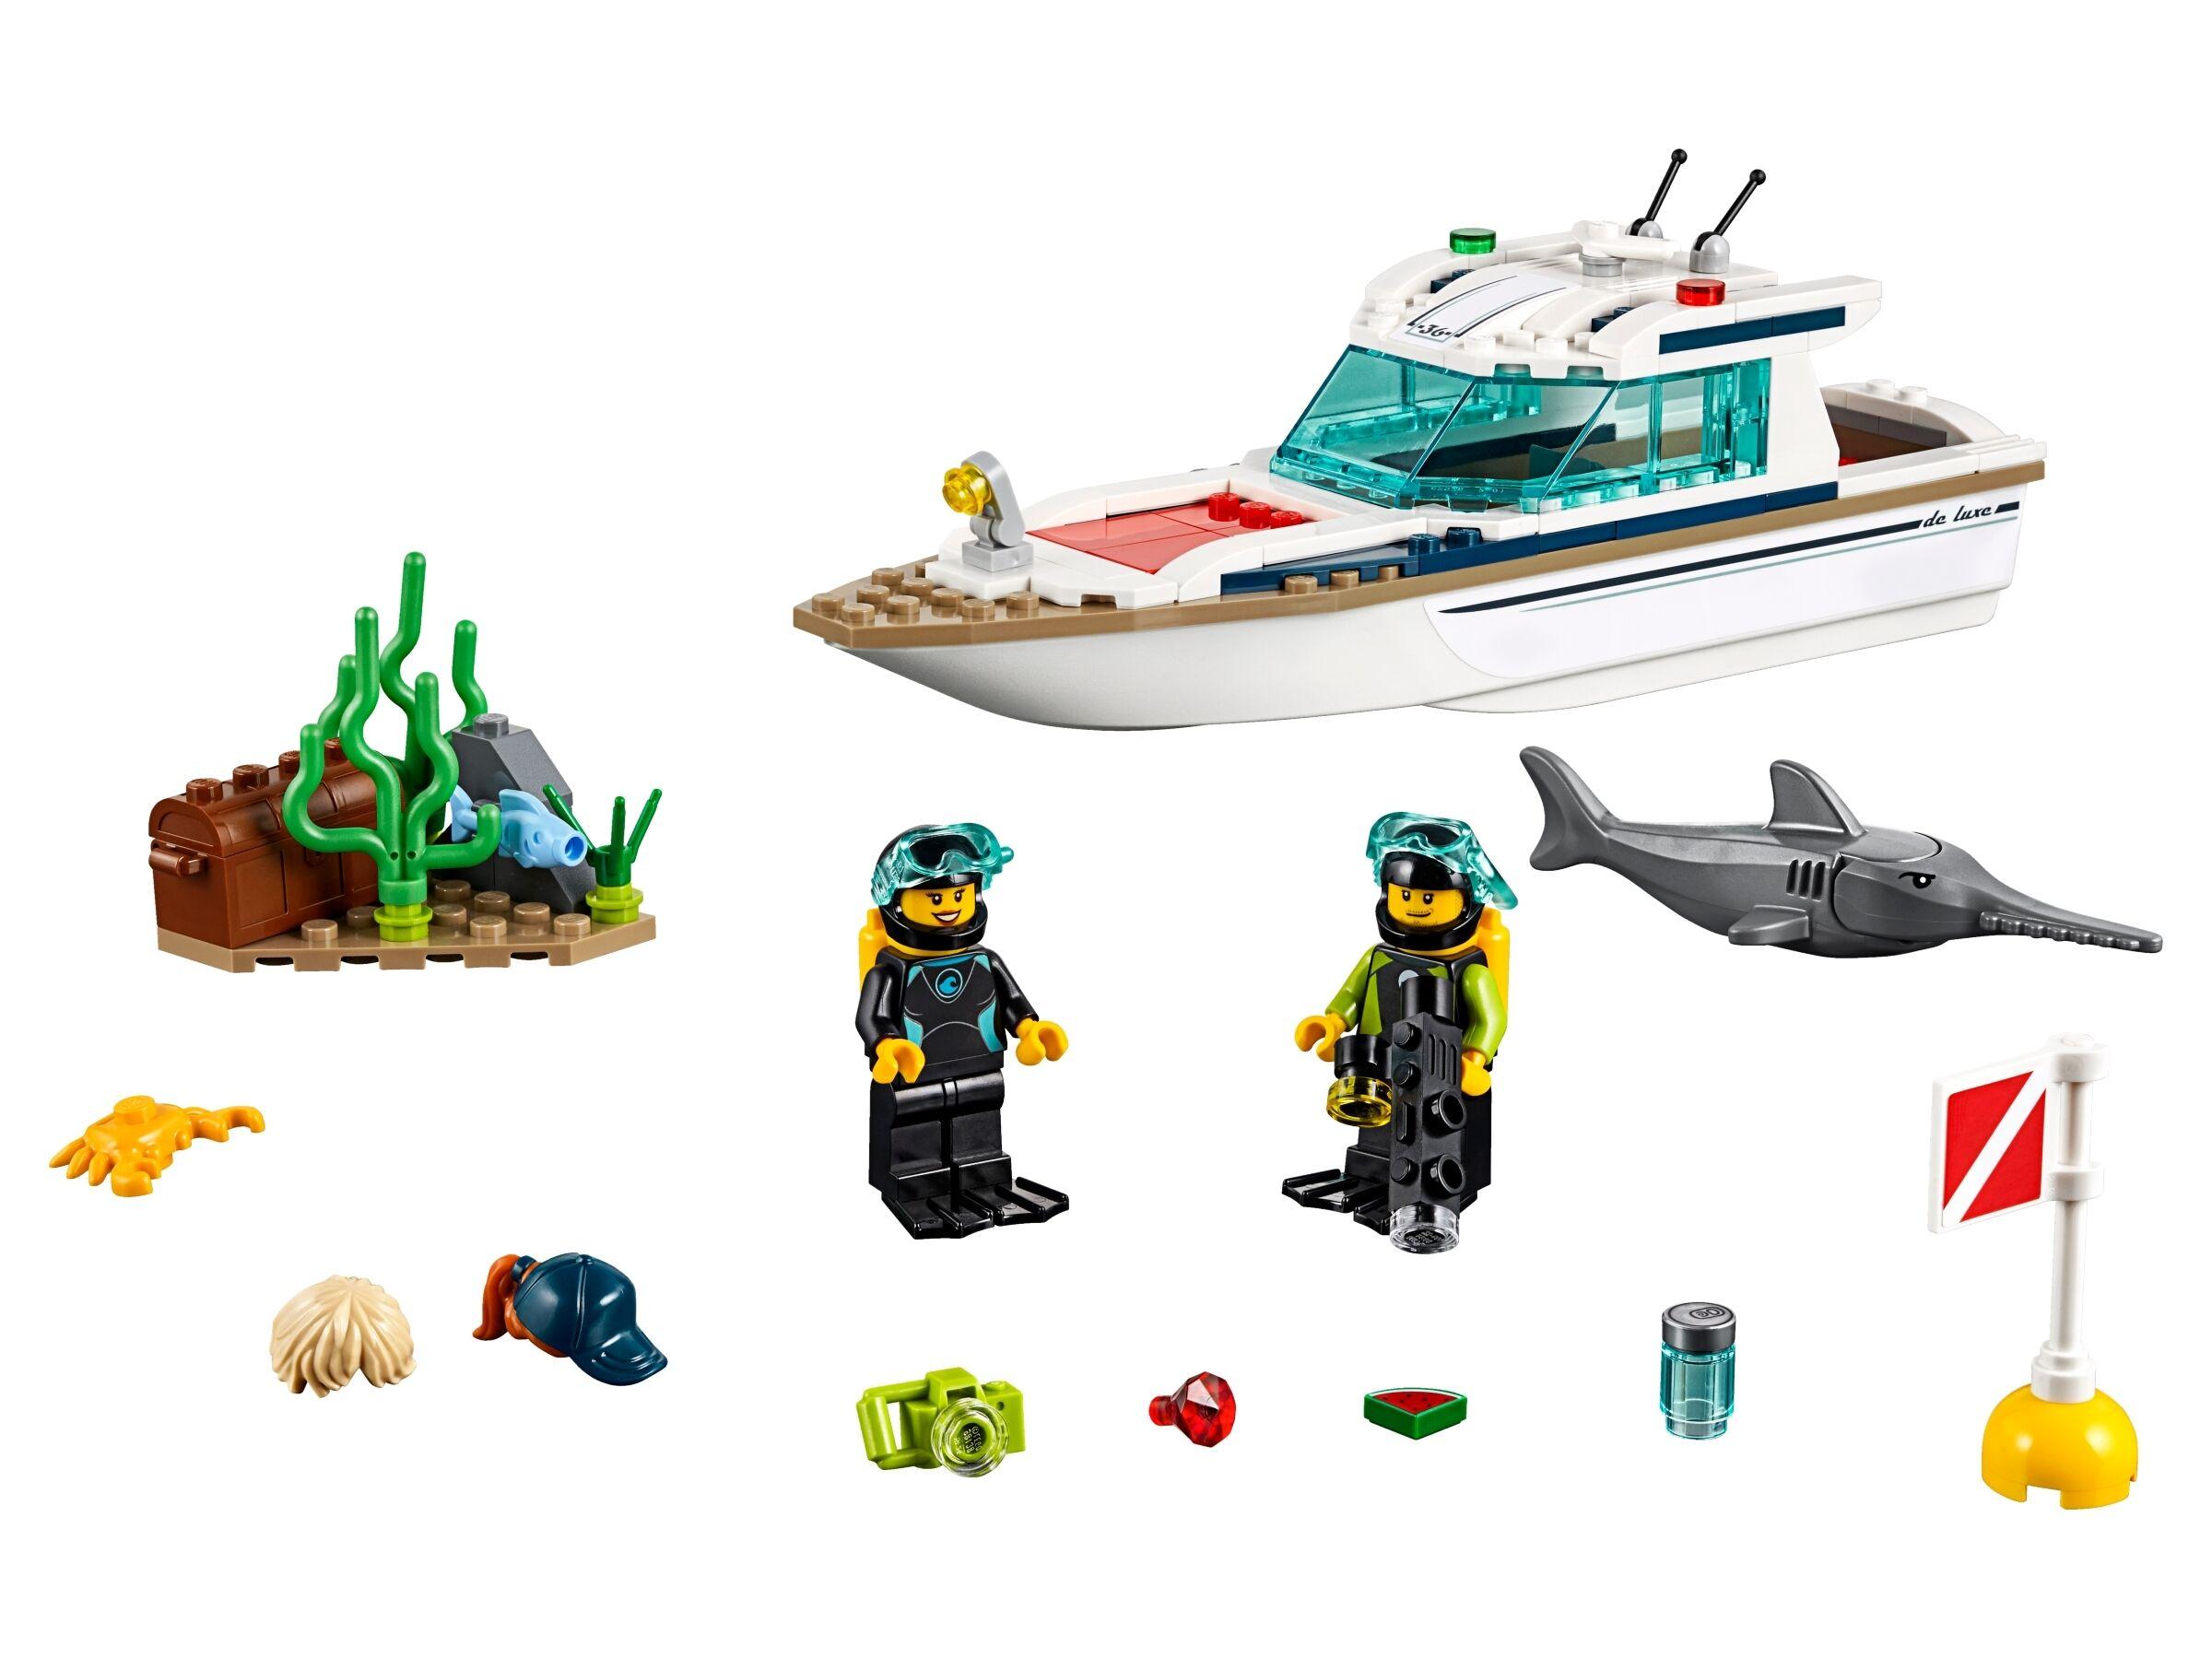 LEGO 60221 City Tauchyacht, Spielzeug mit 2 Taucher-Minifiguren, Meerestieren